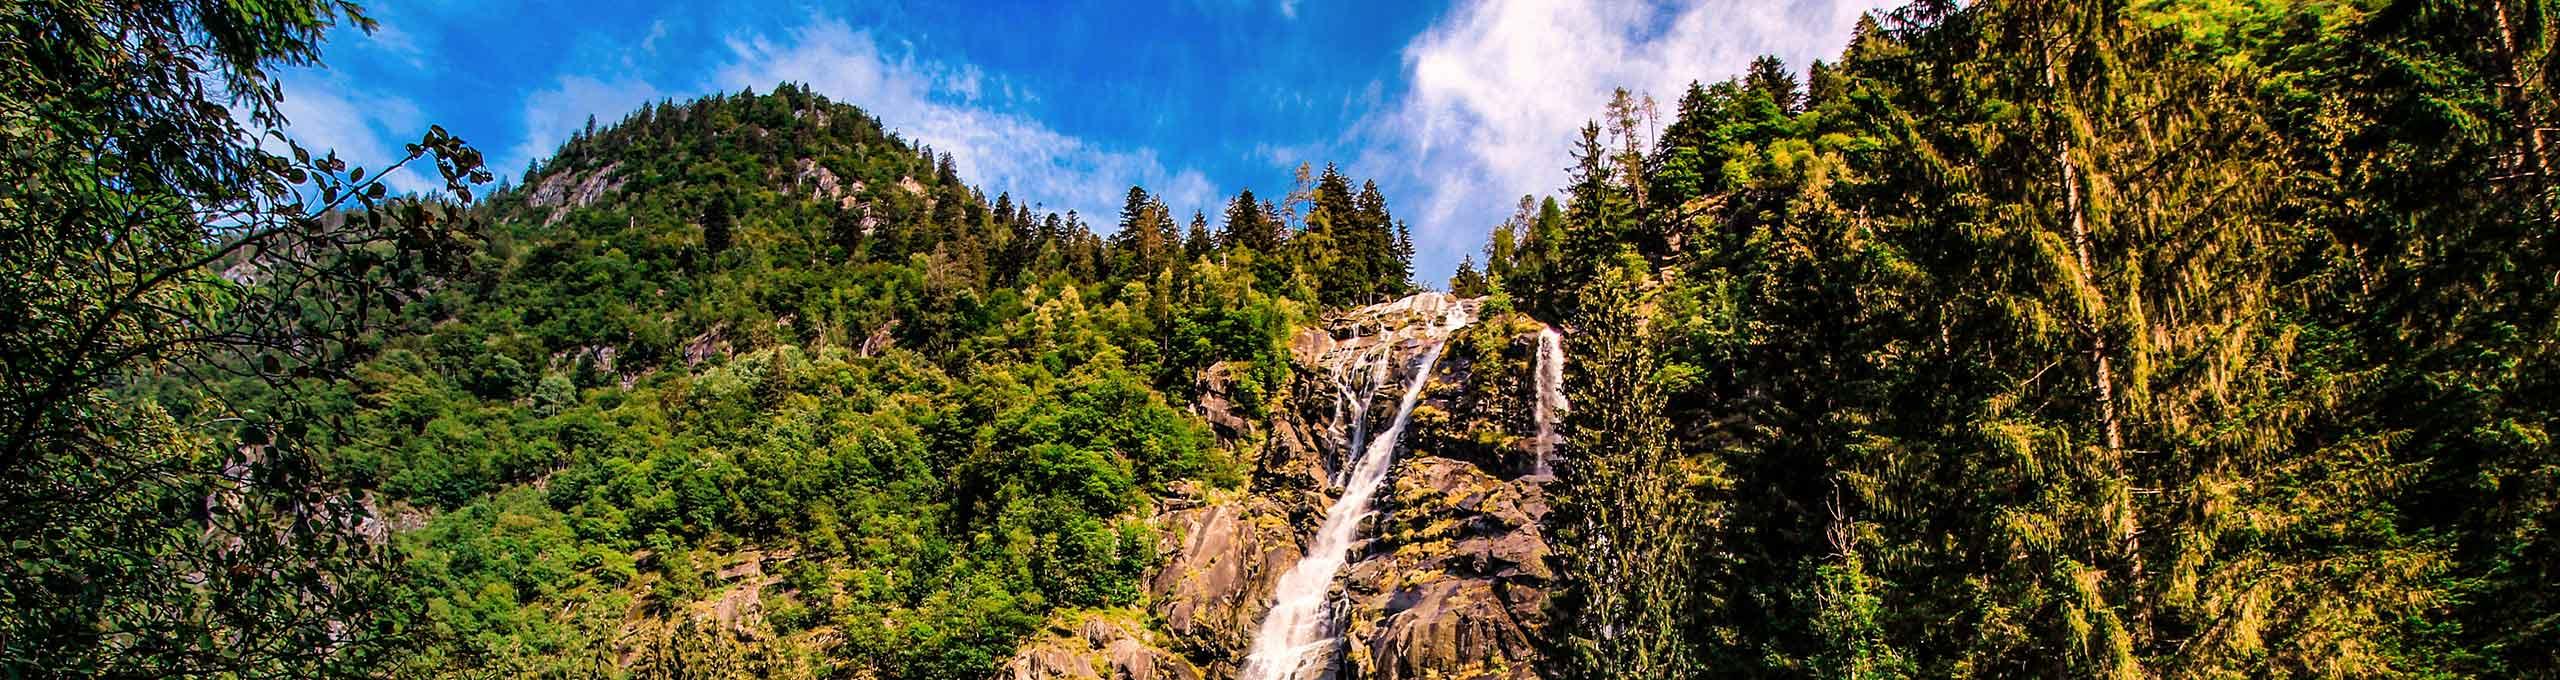 Cascata Nardis, sentiero delle cascate